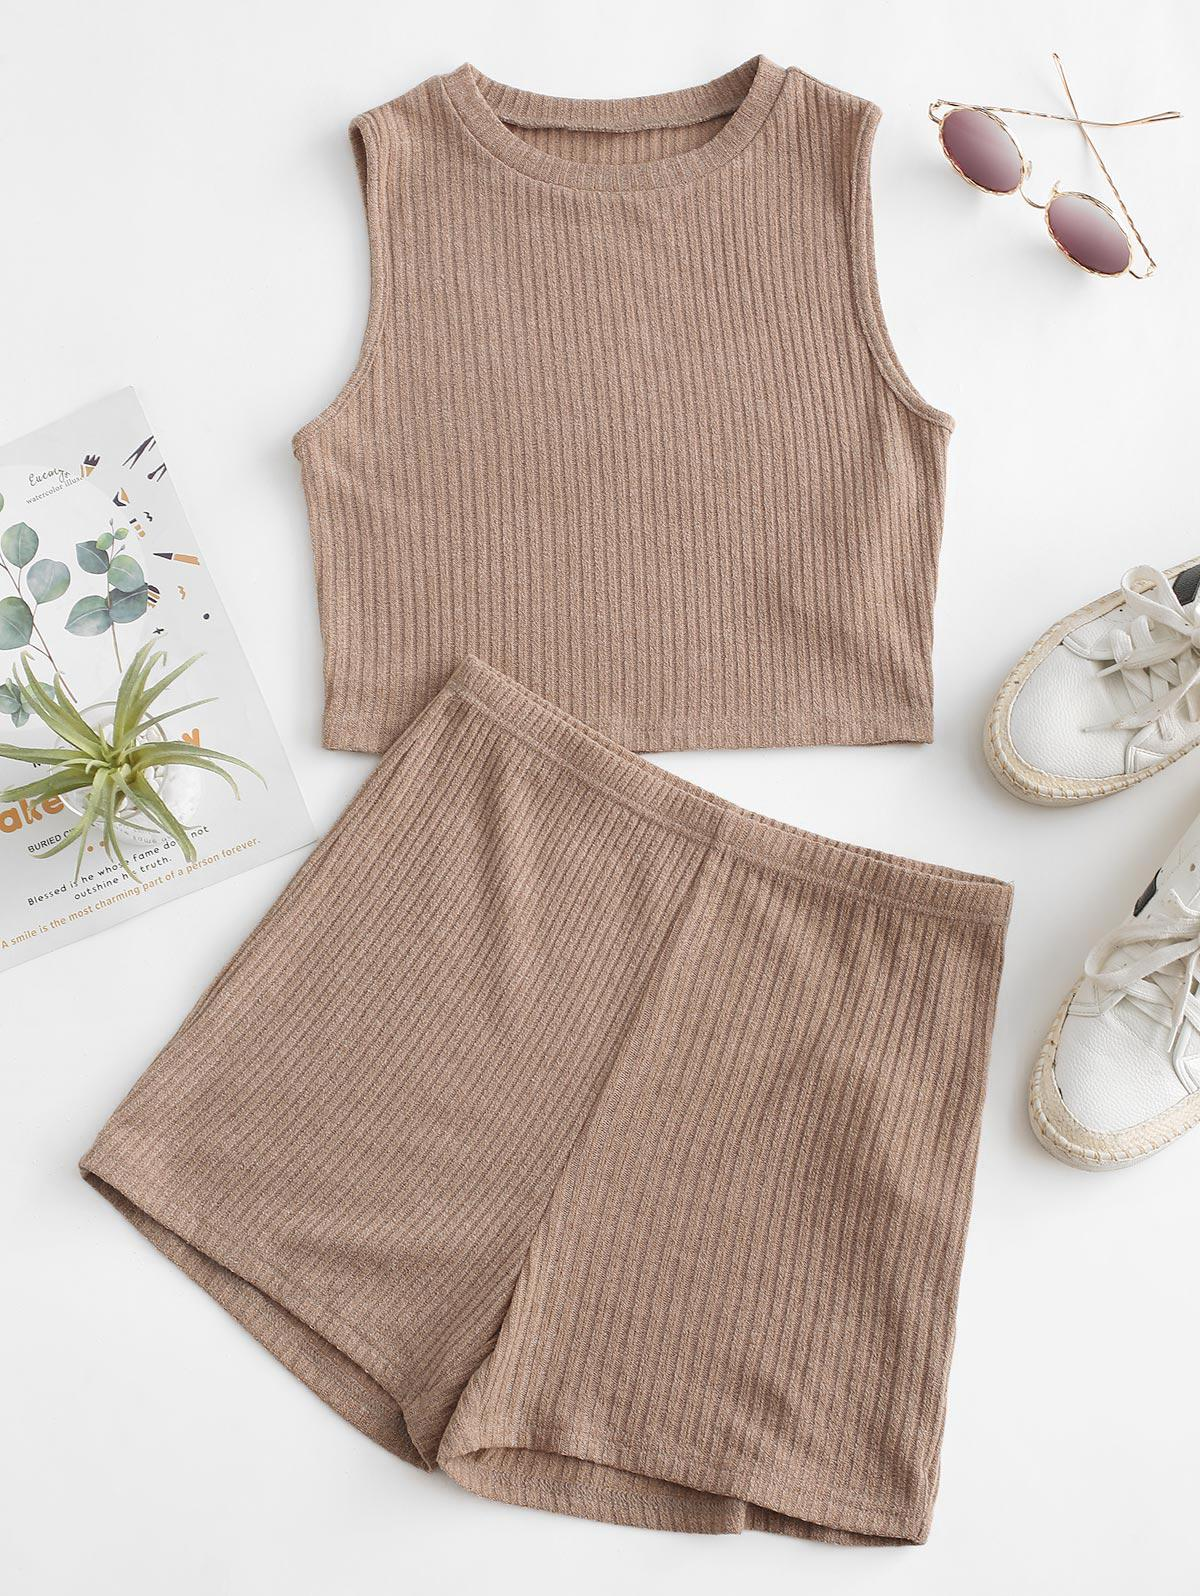 ZAFUL Ribbed Knit Crop Top and Shorts Pajama Set